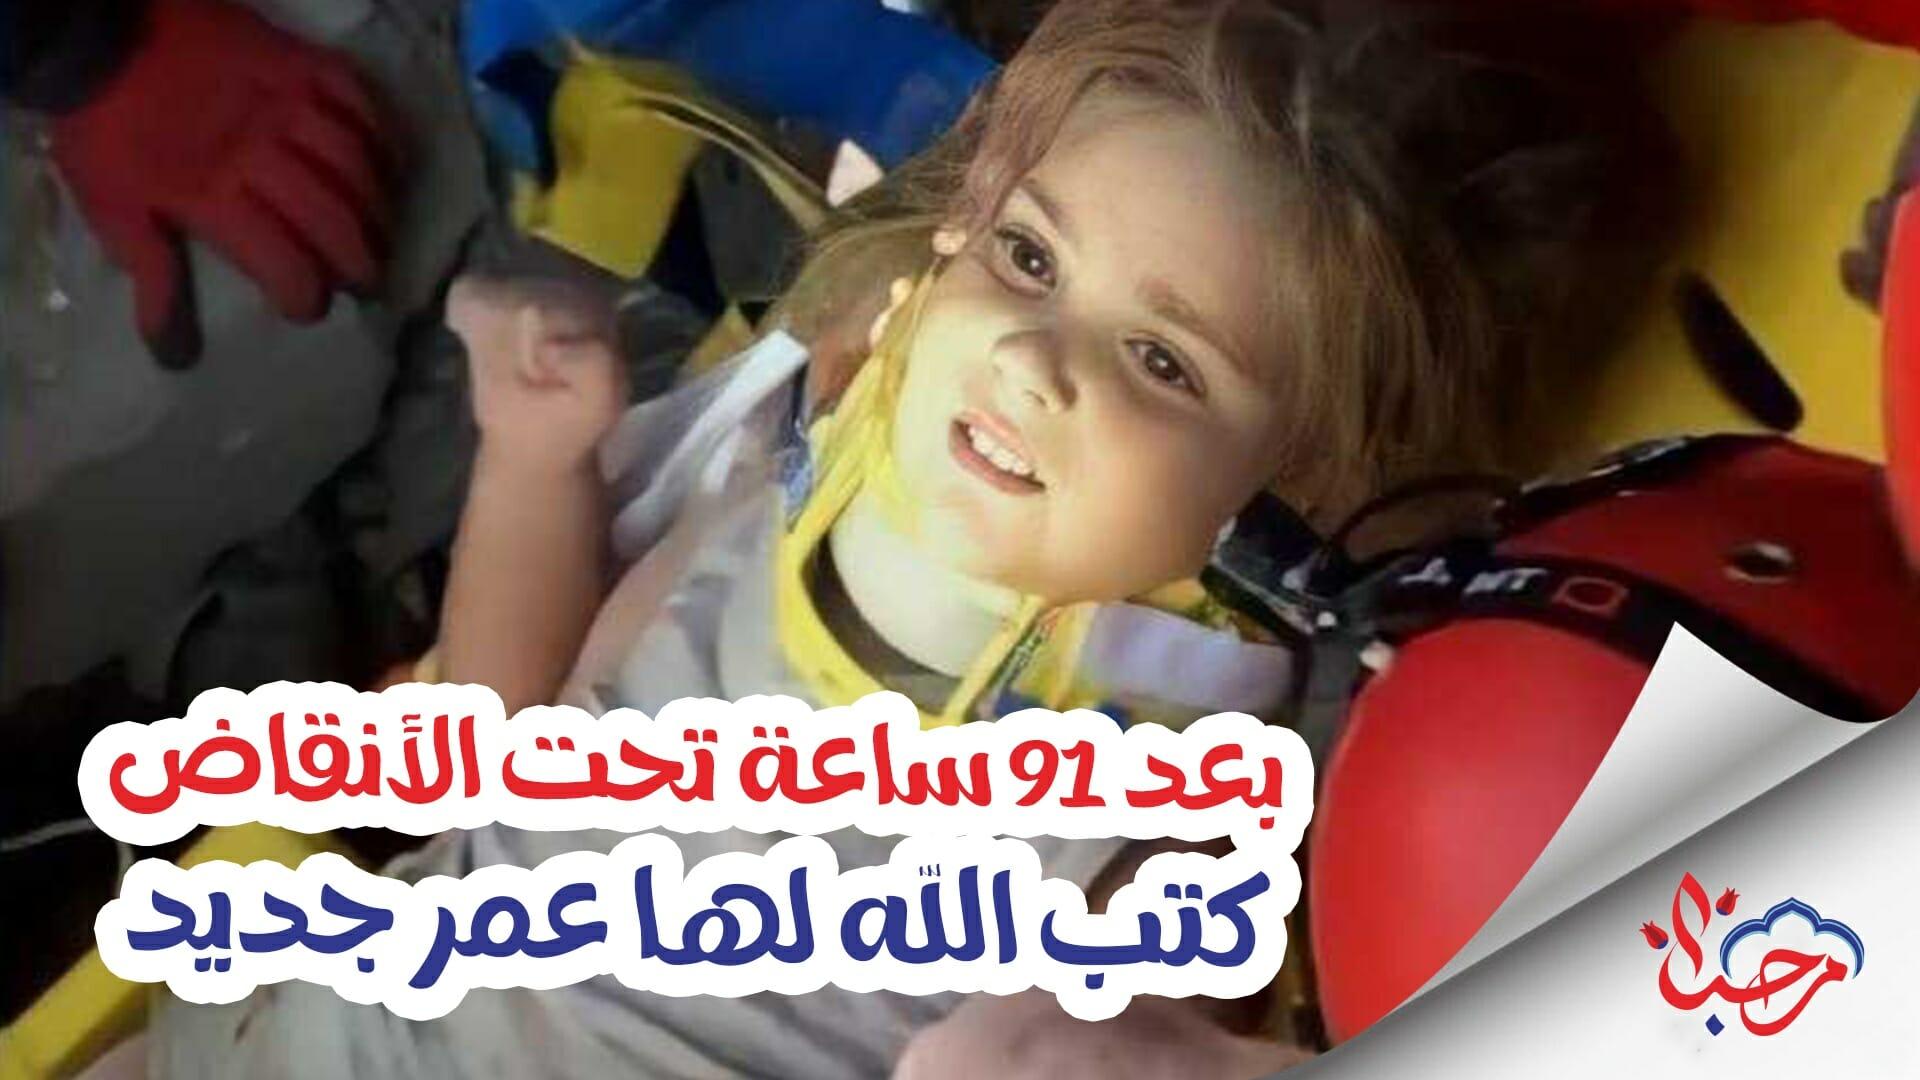 - تركيا.. إنقاذ طفلة بعد مضي 91 ساعة على زلزال إزمير